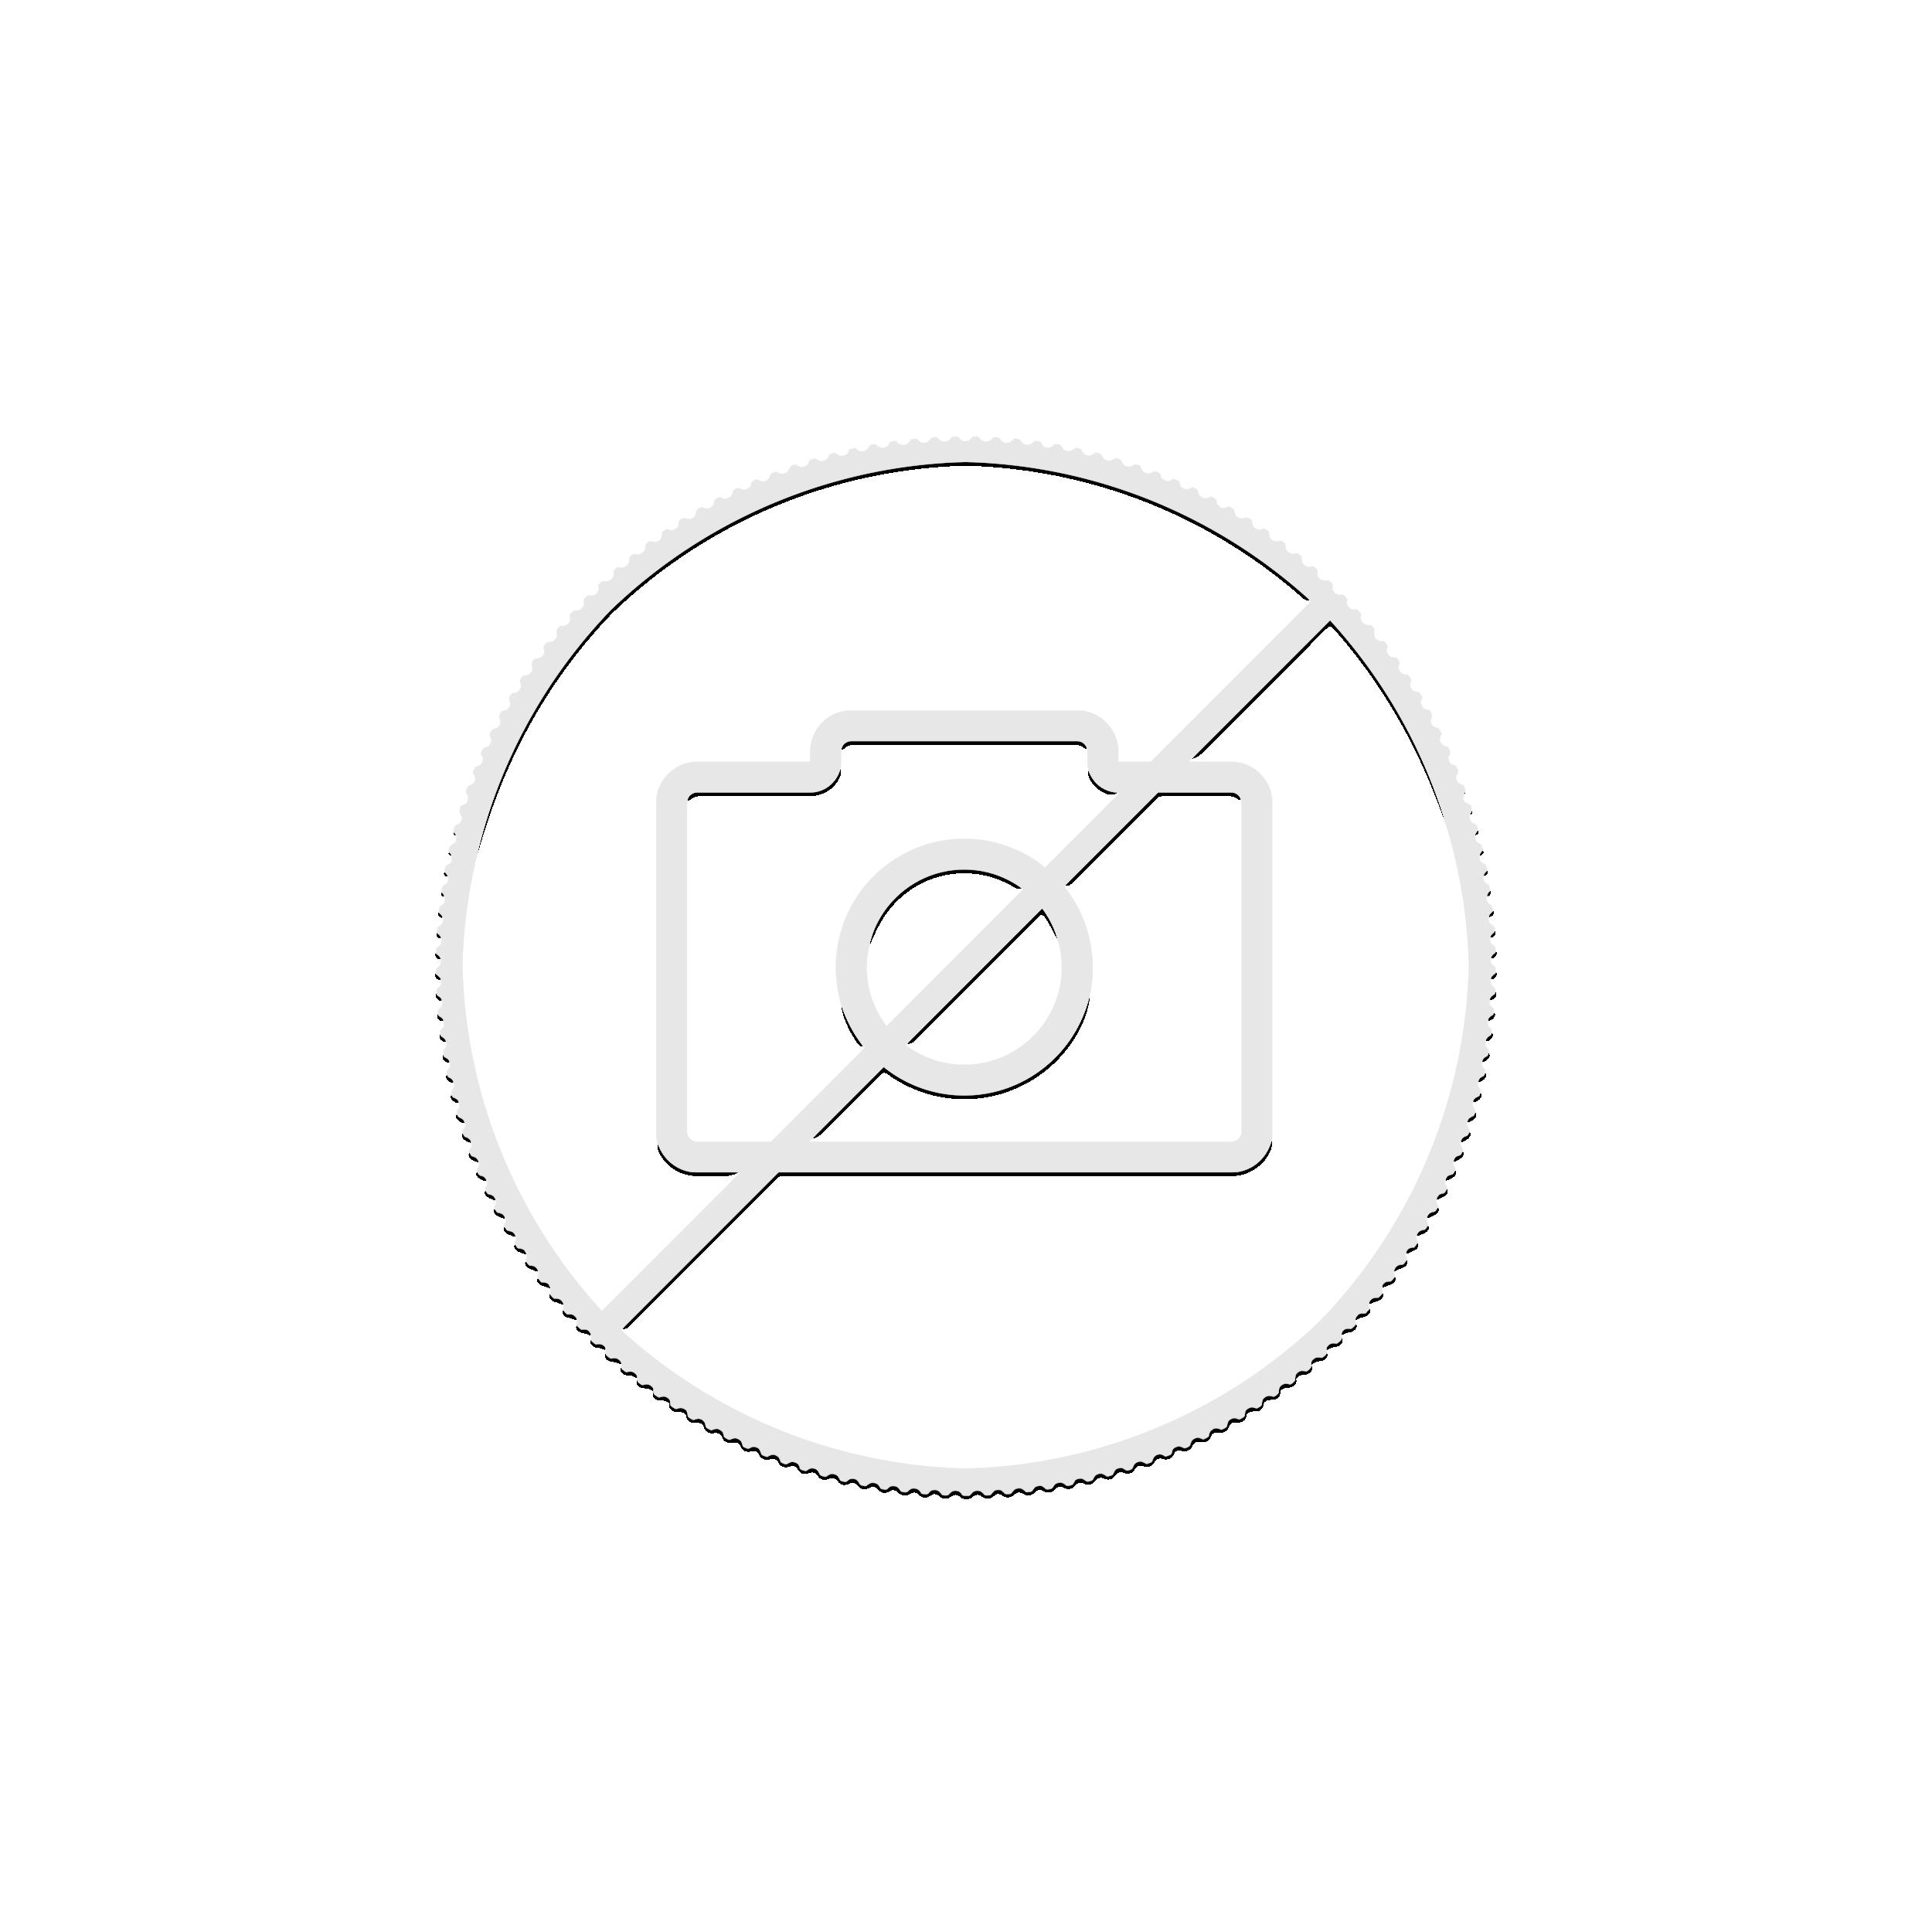 10 Troy ounce silver coin Lunar 2010